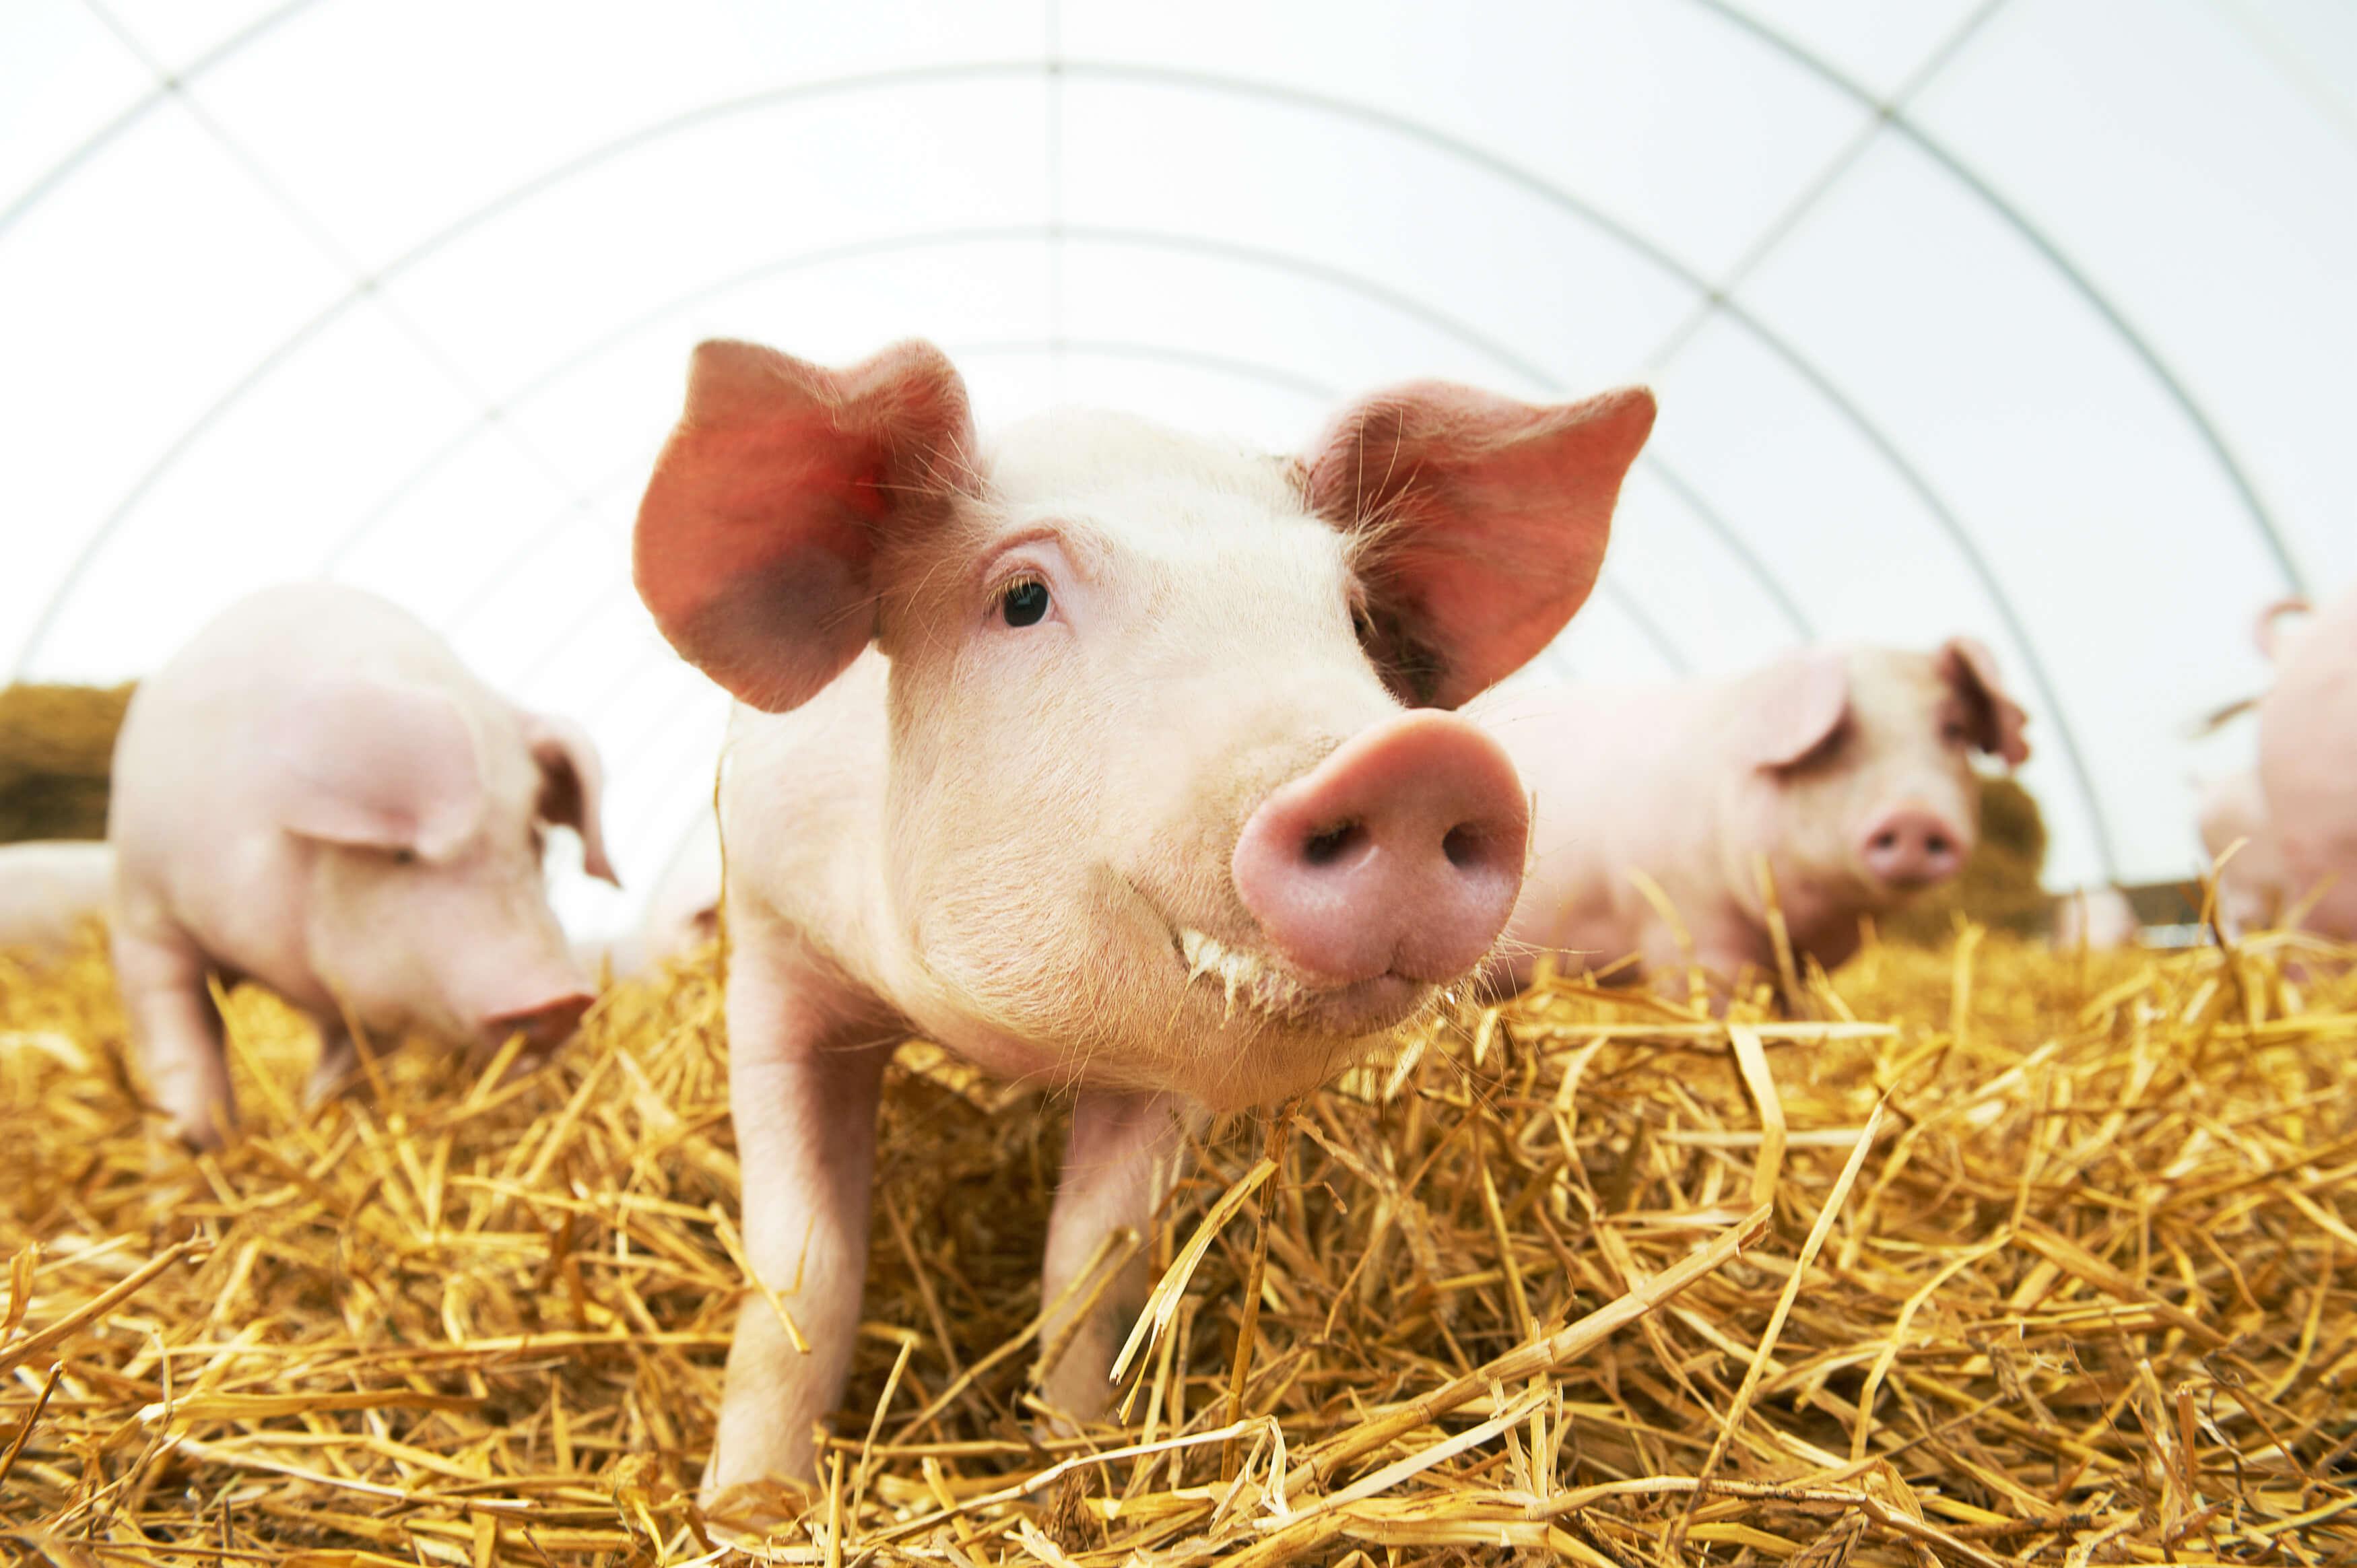 Image: pigs eating hay